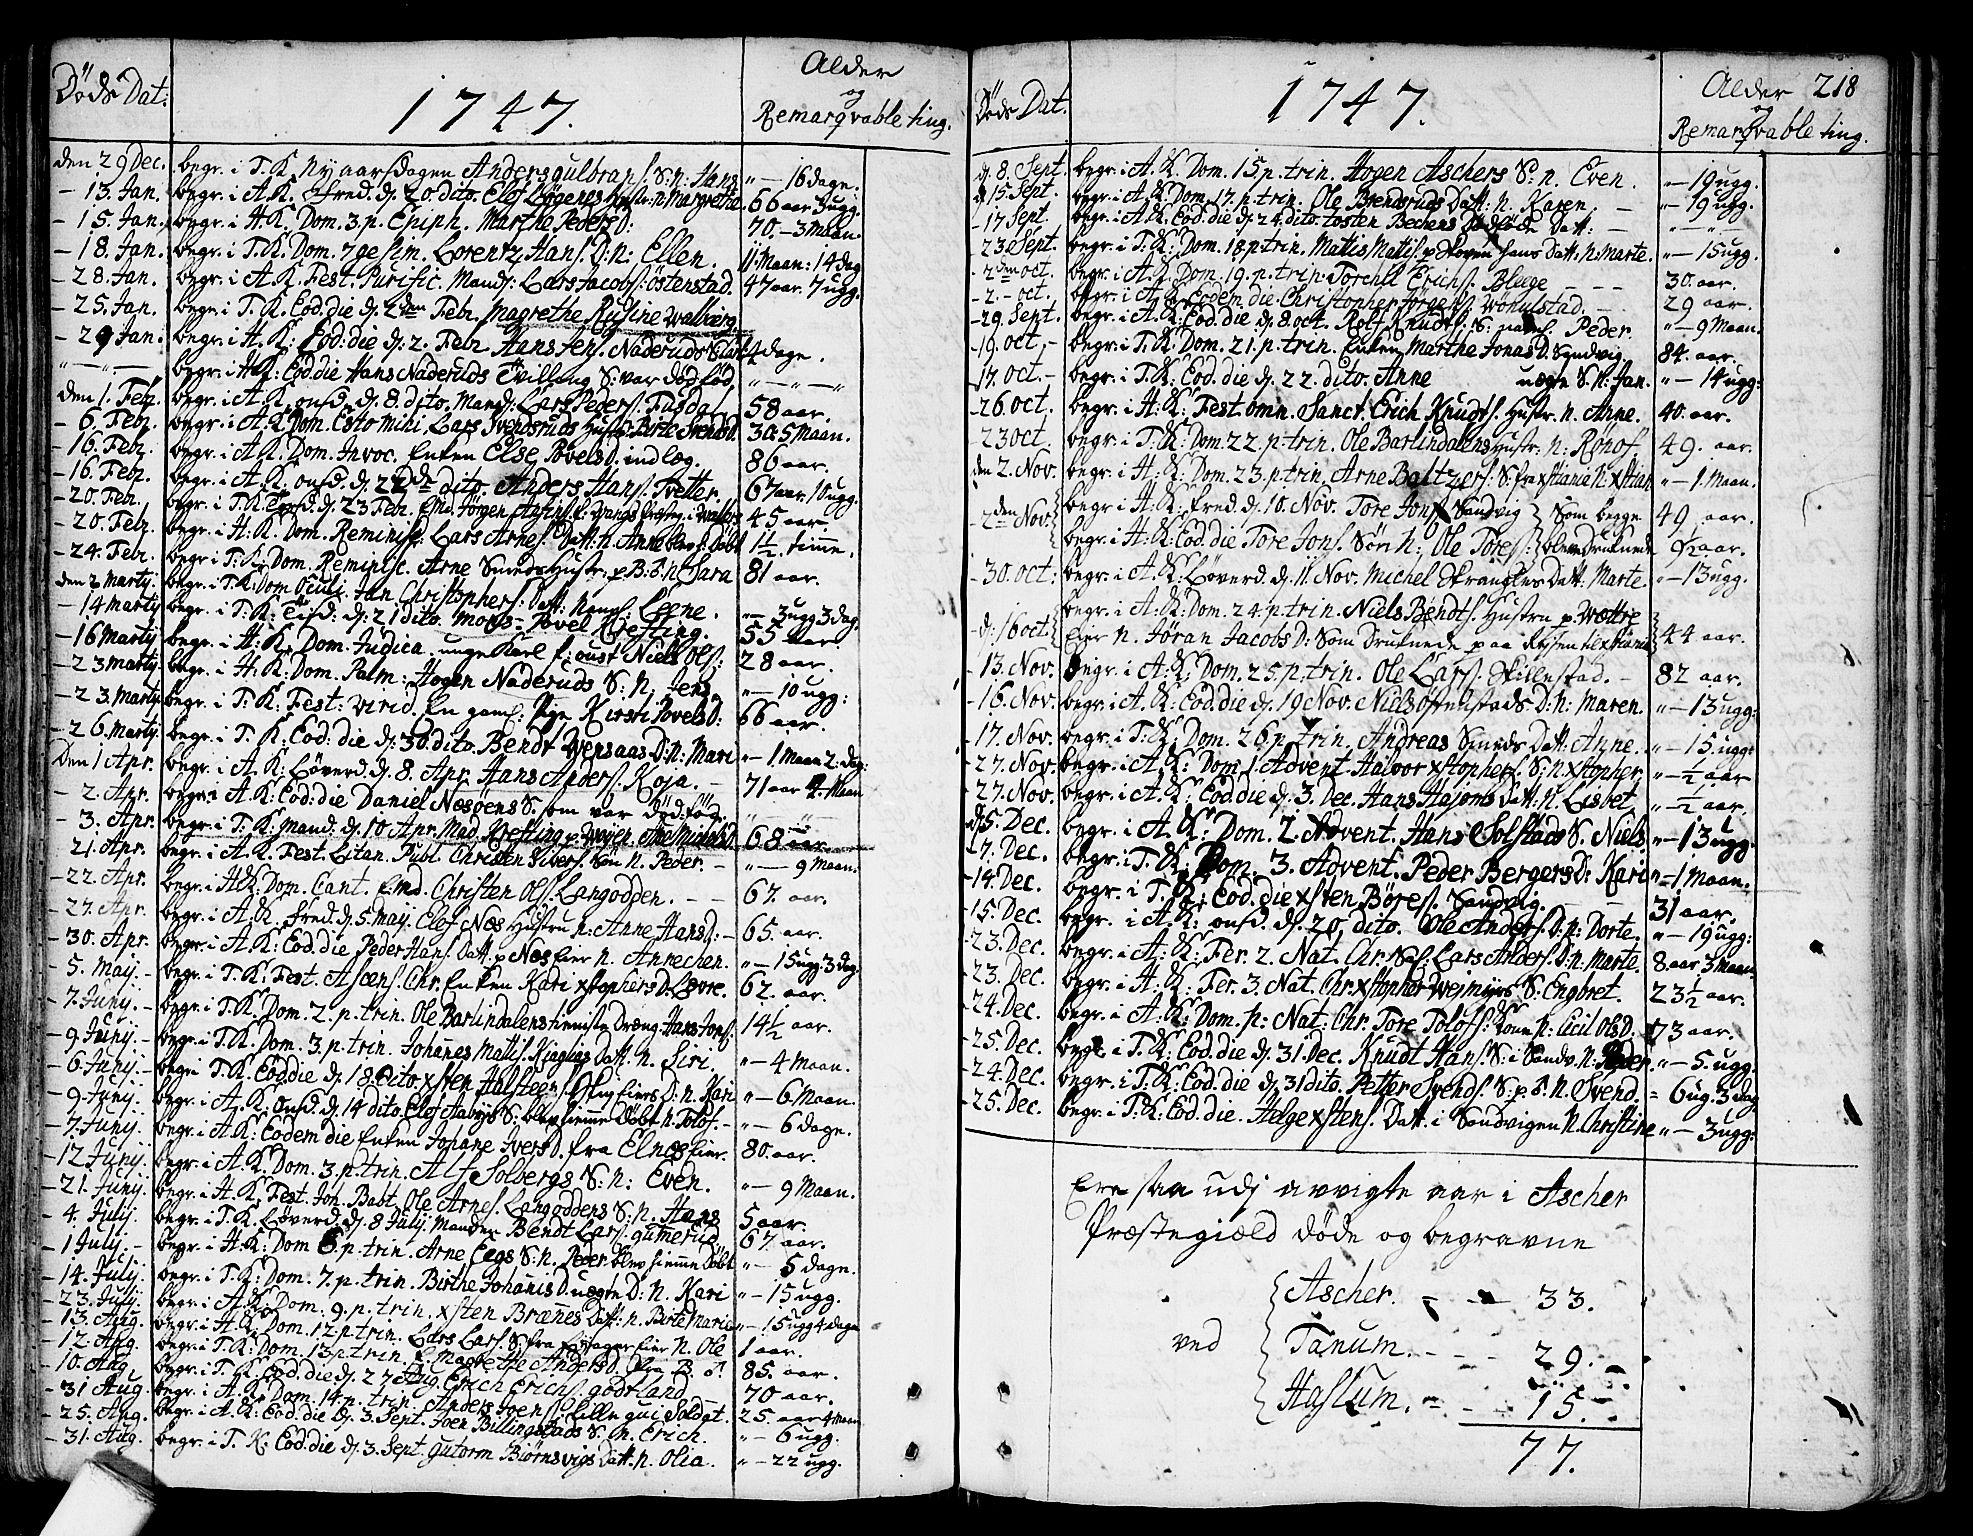 SAO, Asker prestekontor Kirkebøker, F/Fa/L0002: Ministerialbok nr. I 2, 1733-1766, s. 218